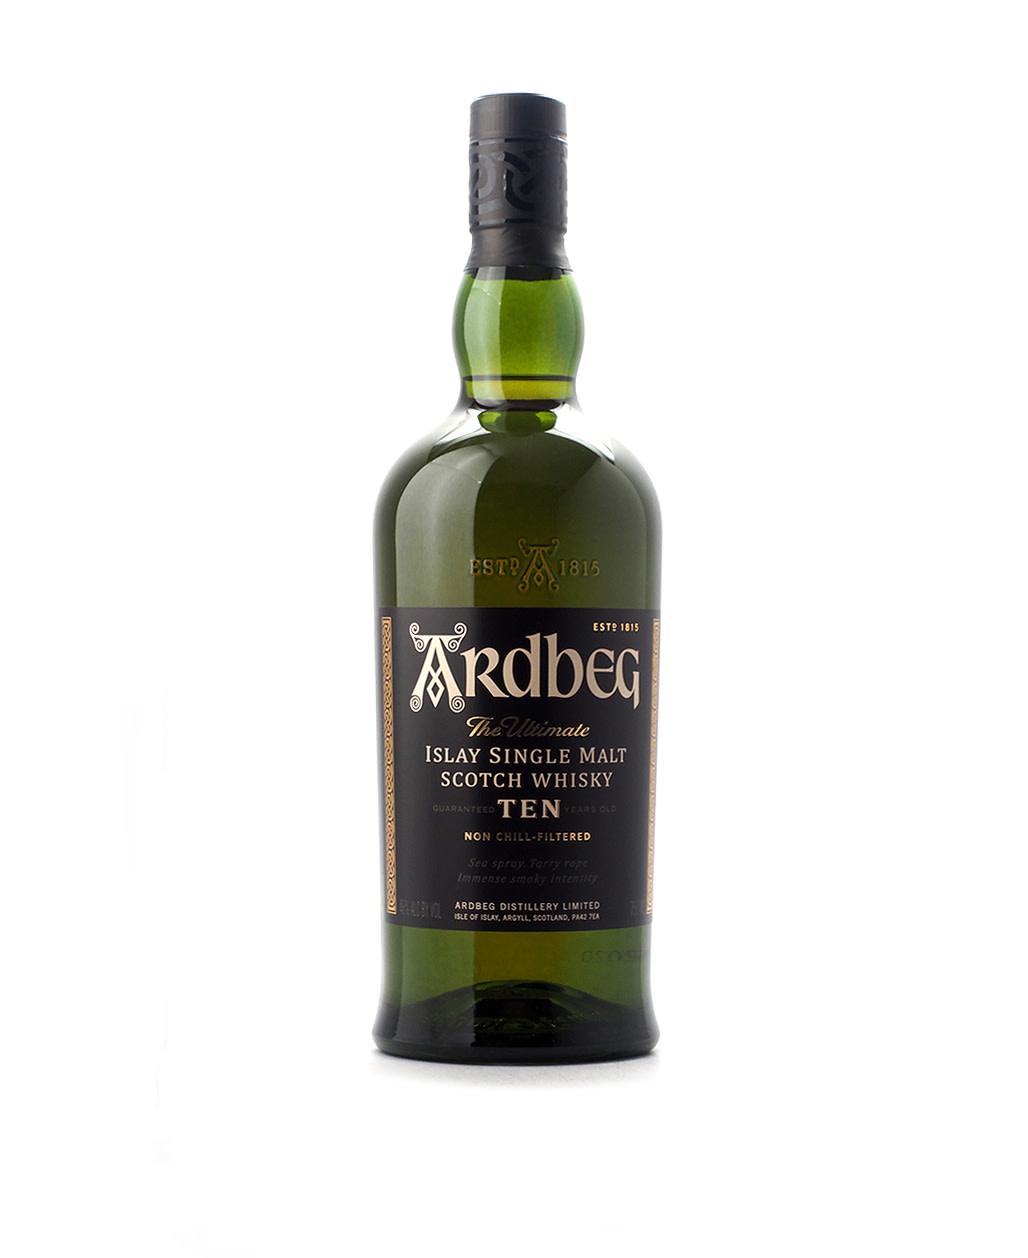 Ardbeg 10 Year Islay Single Malt Scotch